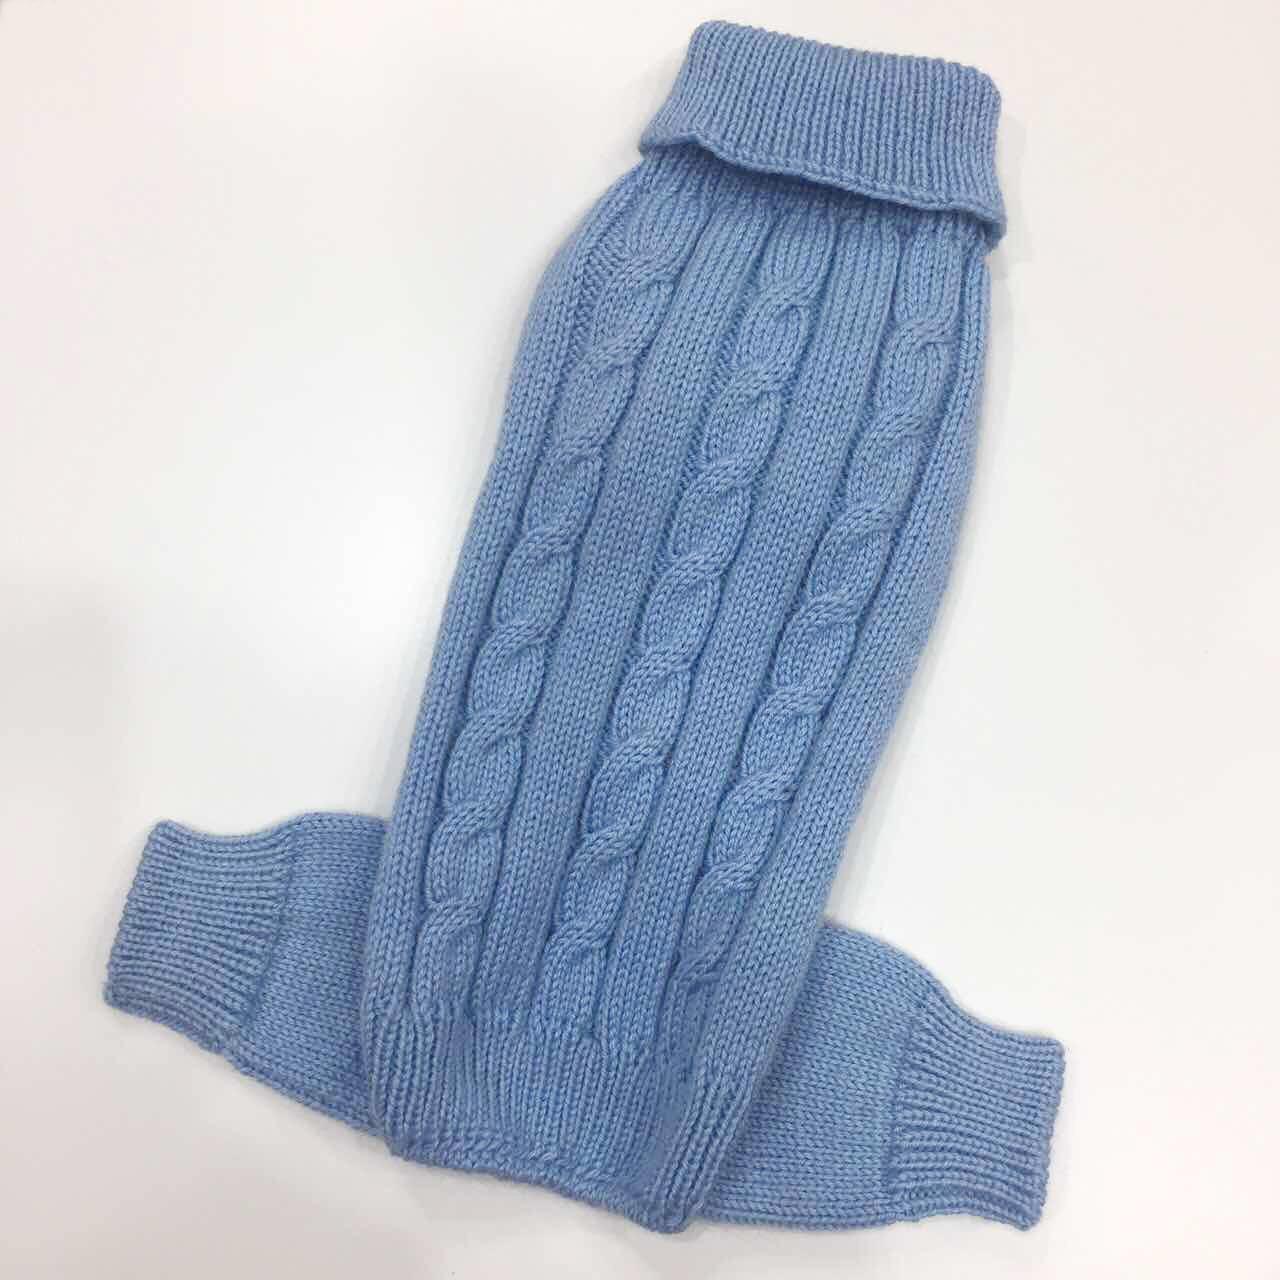 свитер комбинезон для йорка